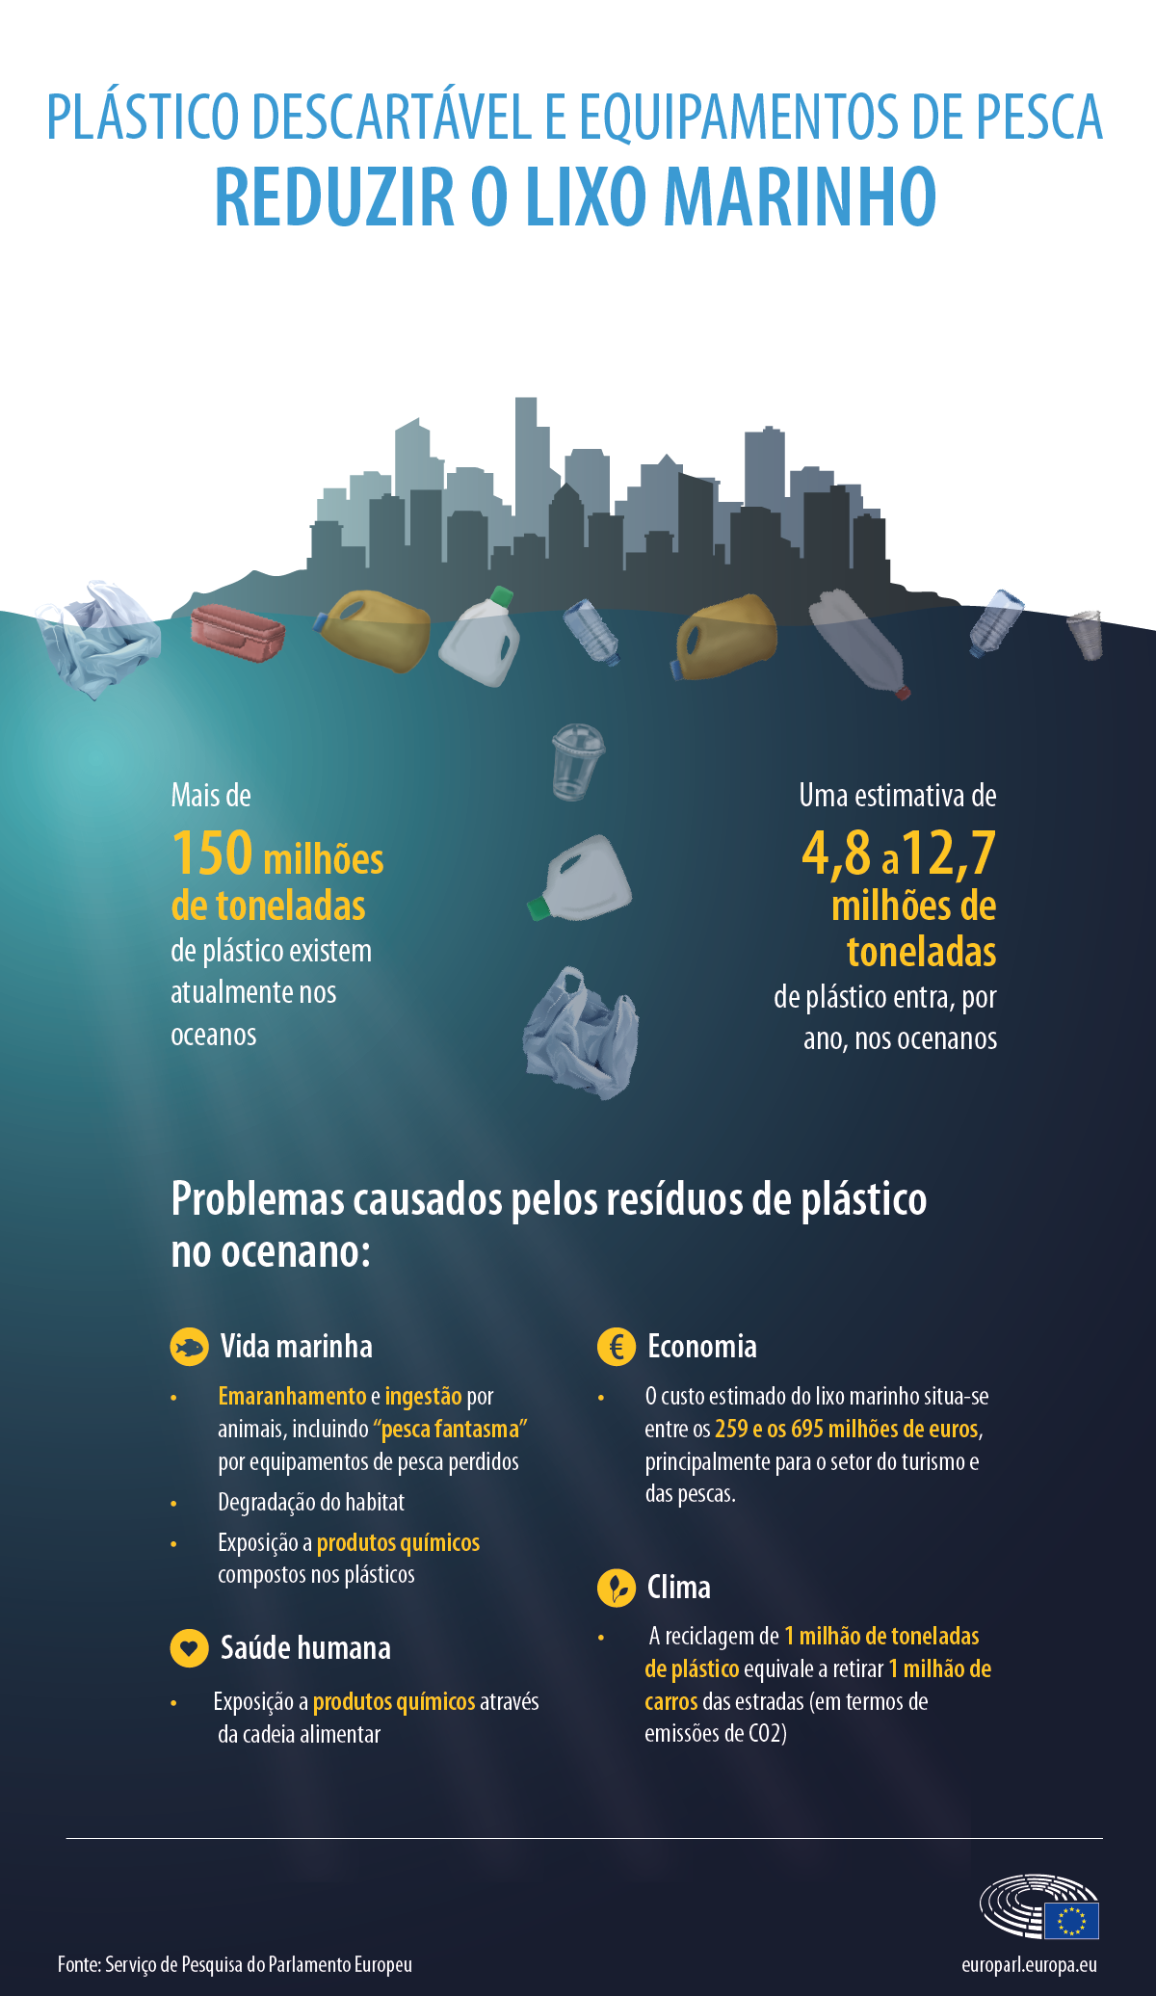 Estima-se que entrem, por ano, entre 4,8 a 12,7 milhões de toneladas de plástico nos oceanos.